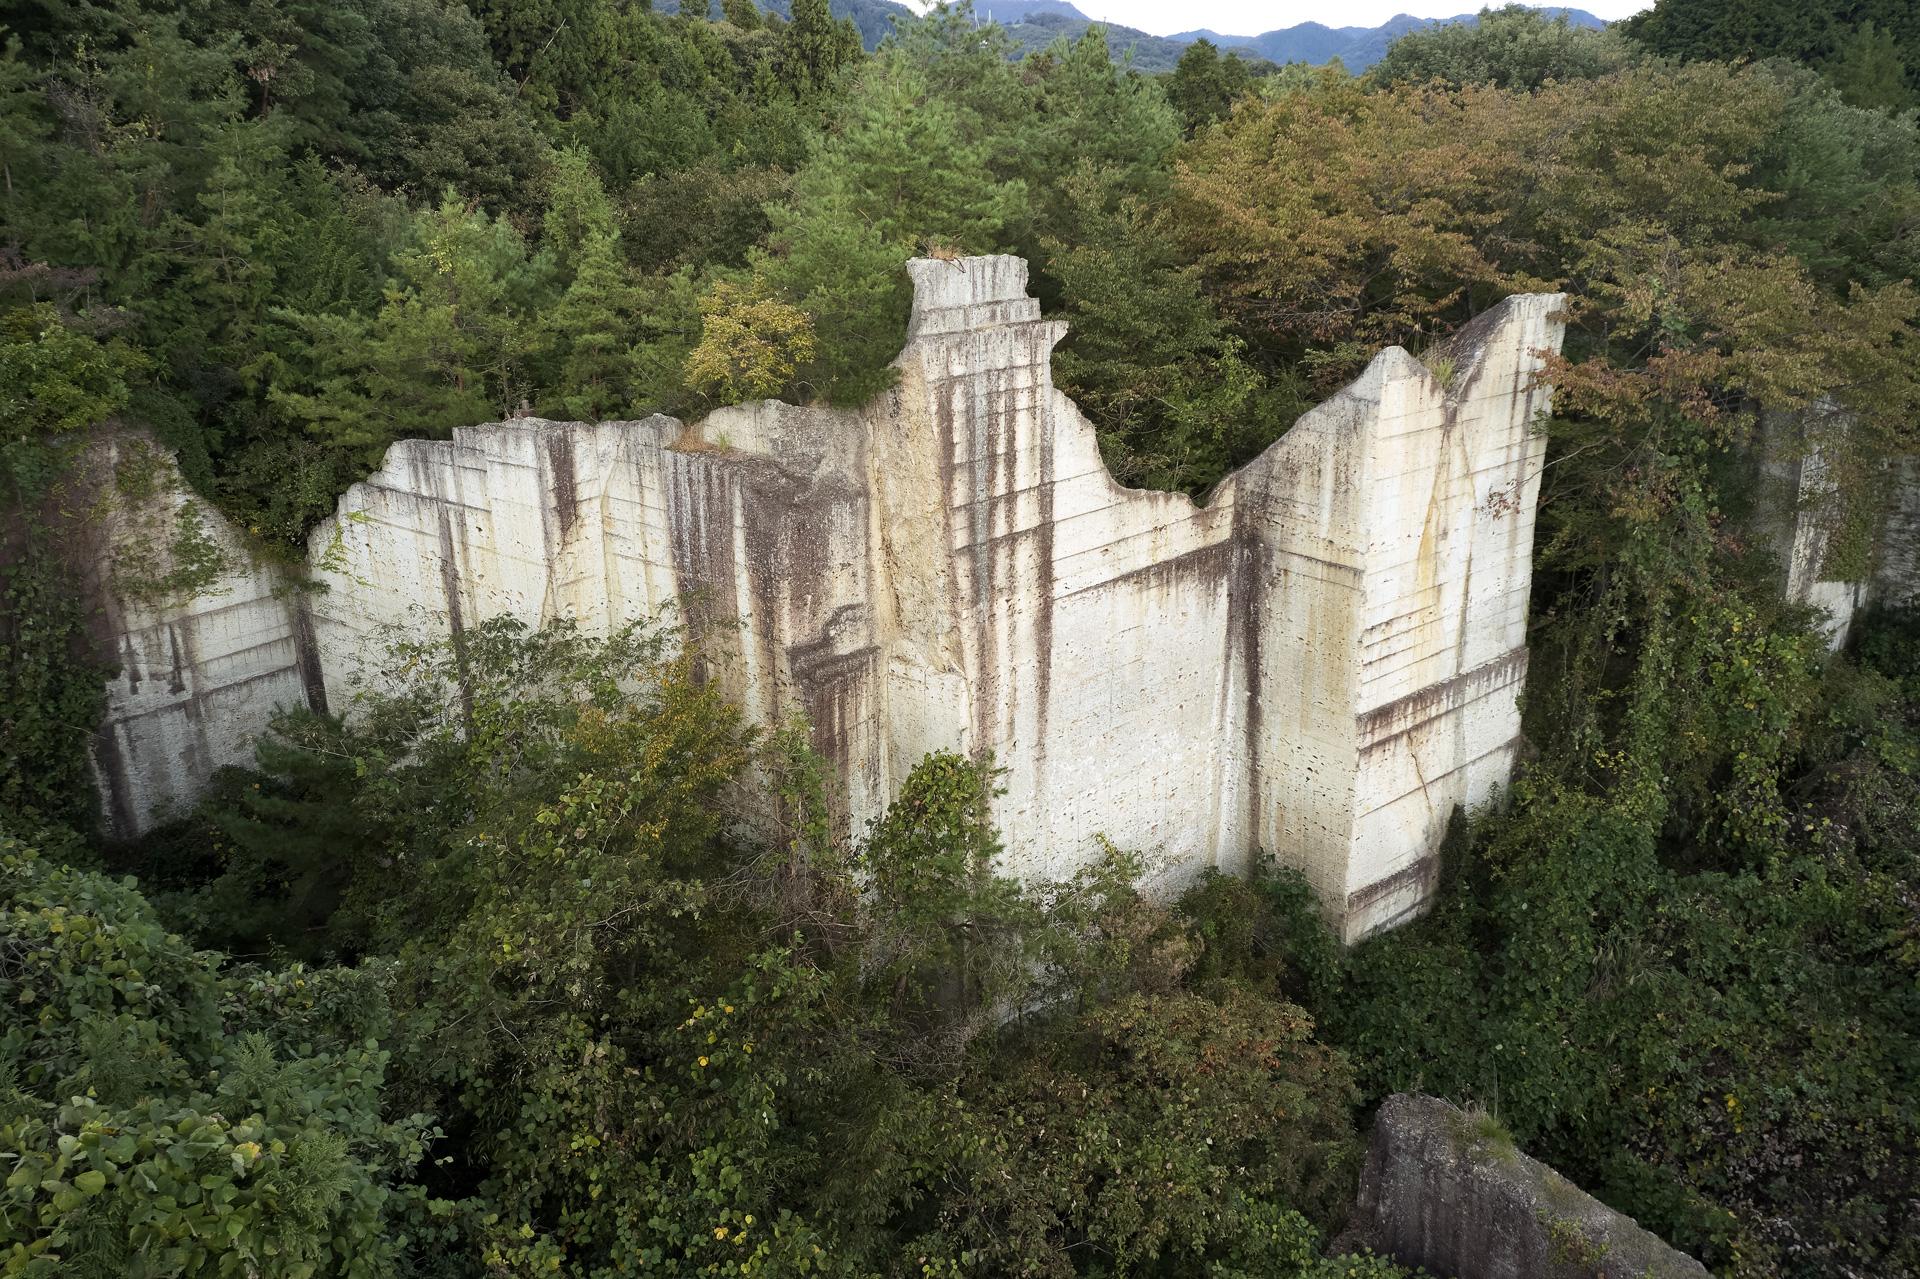 ホテル山(トウヤ採石場)